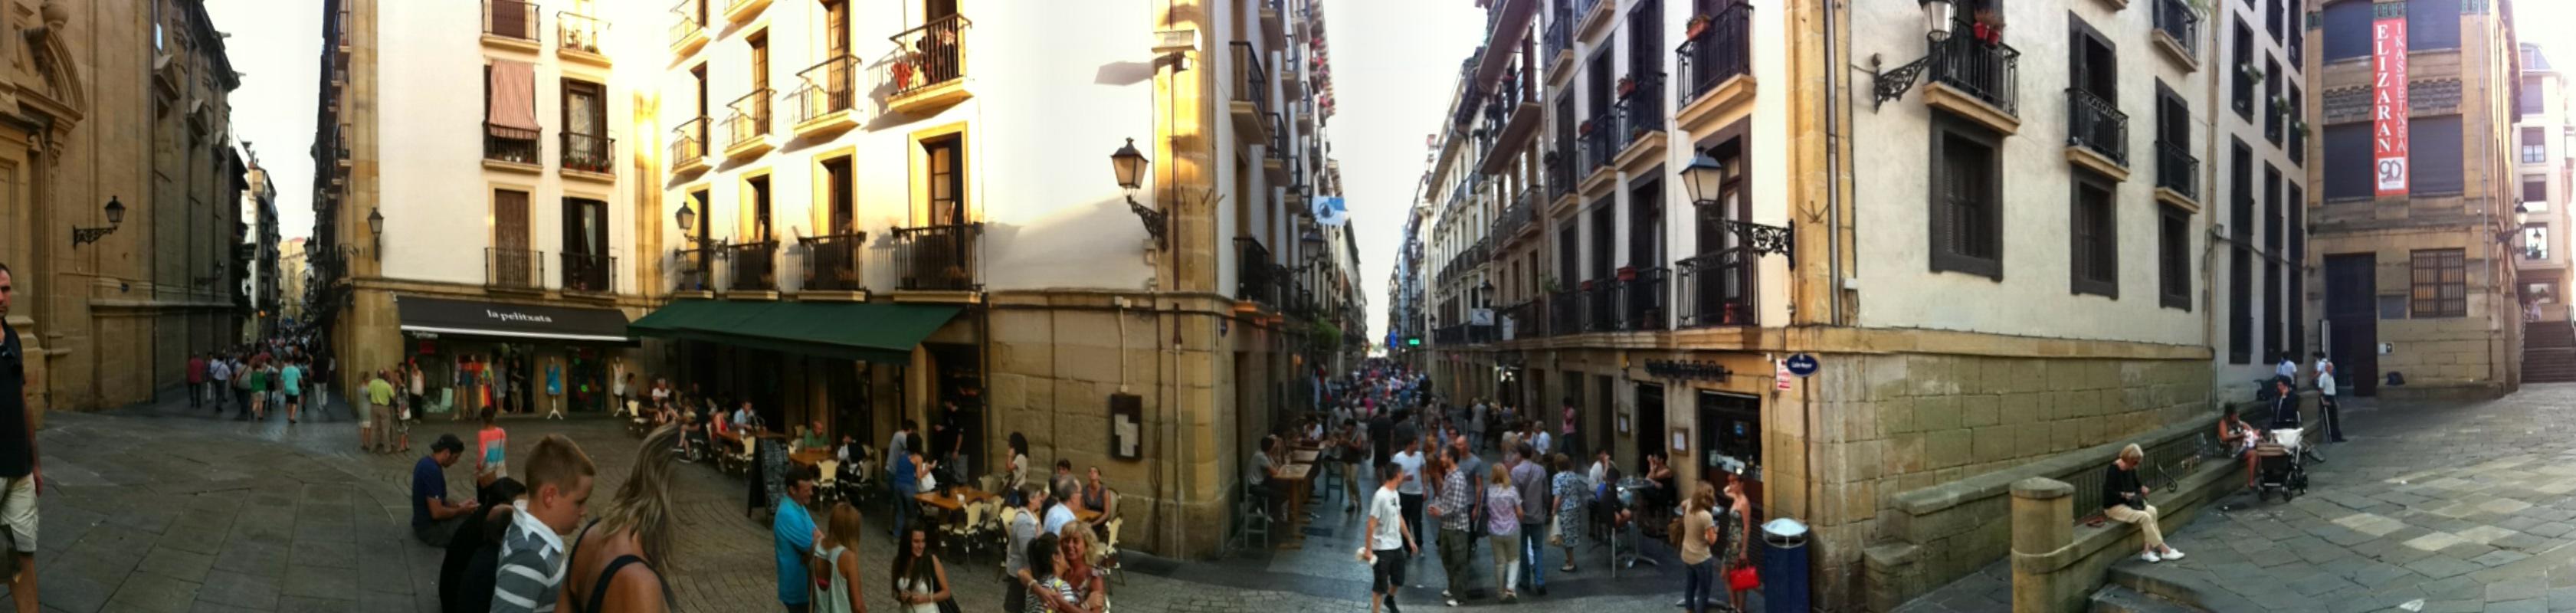 Fotos panorámicas de San Sebastián